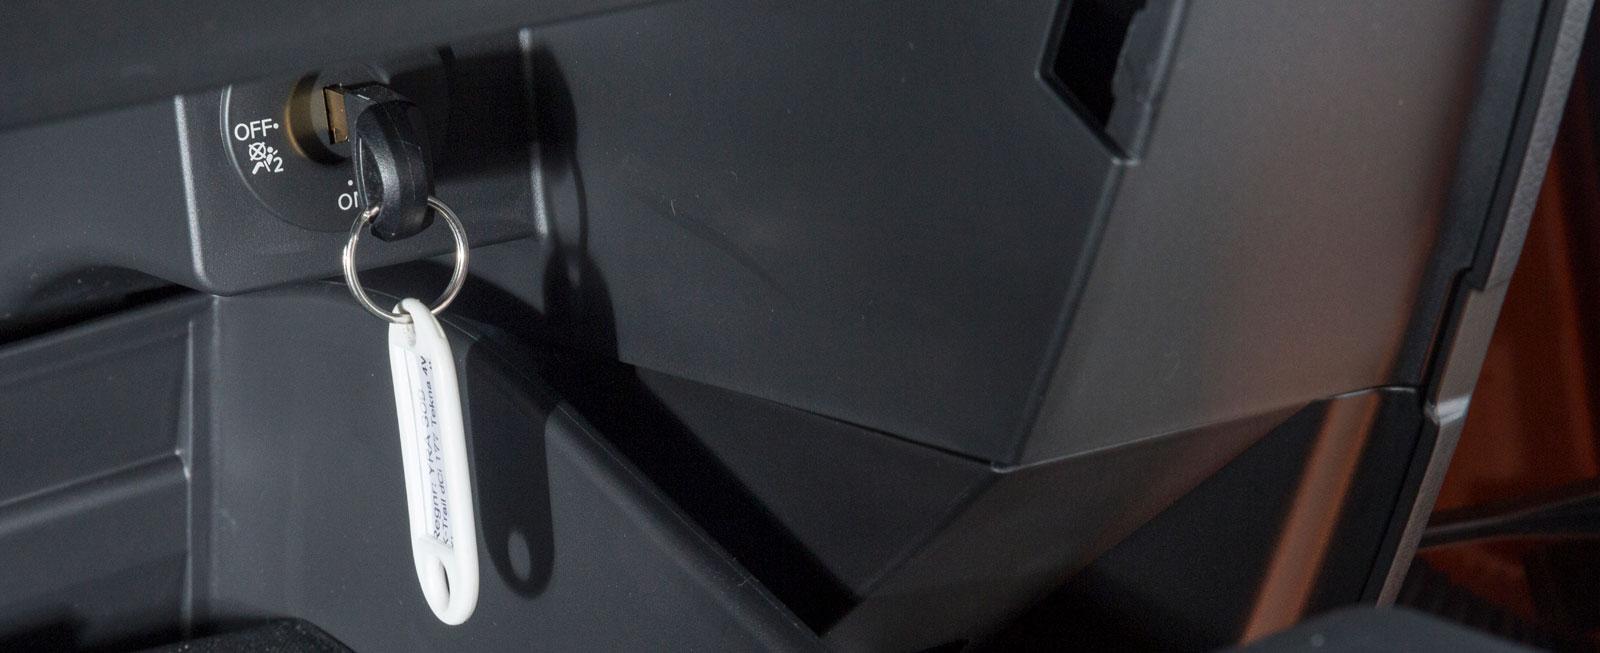 Som i Nissan (bilden) och Renault bör det se ut – nyckelavstängning.